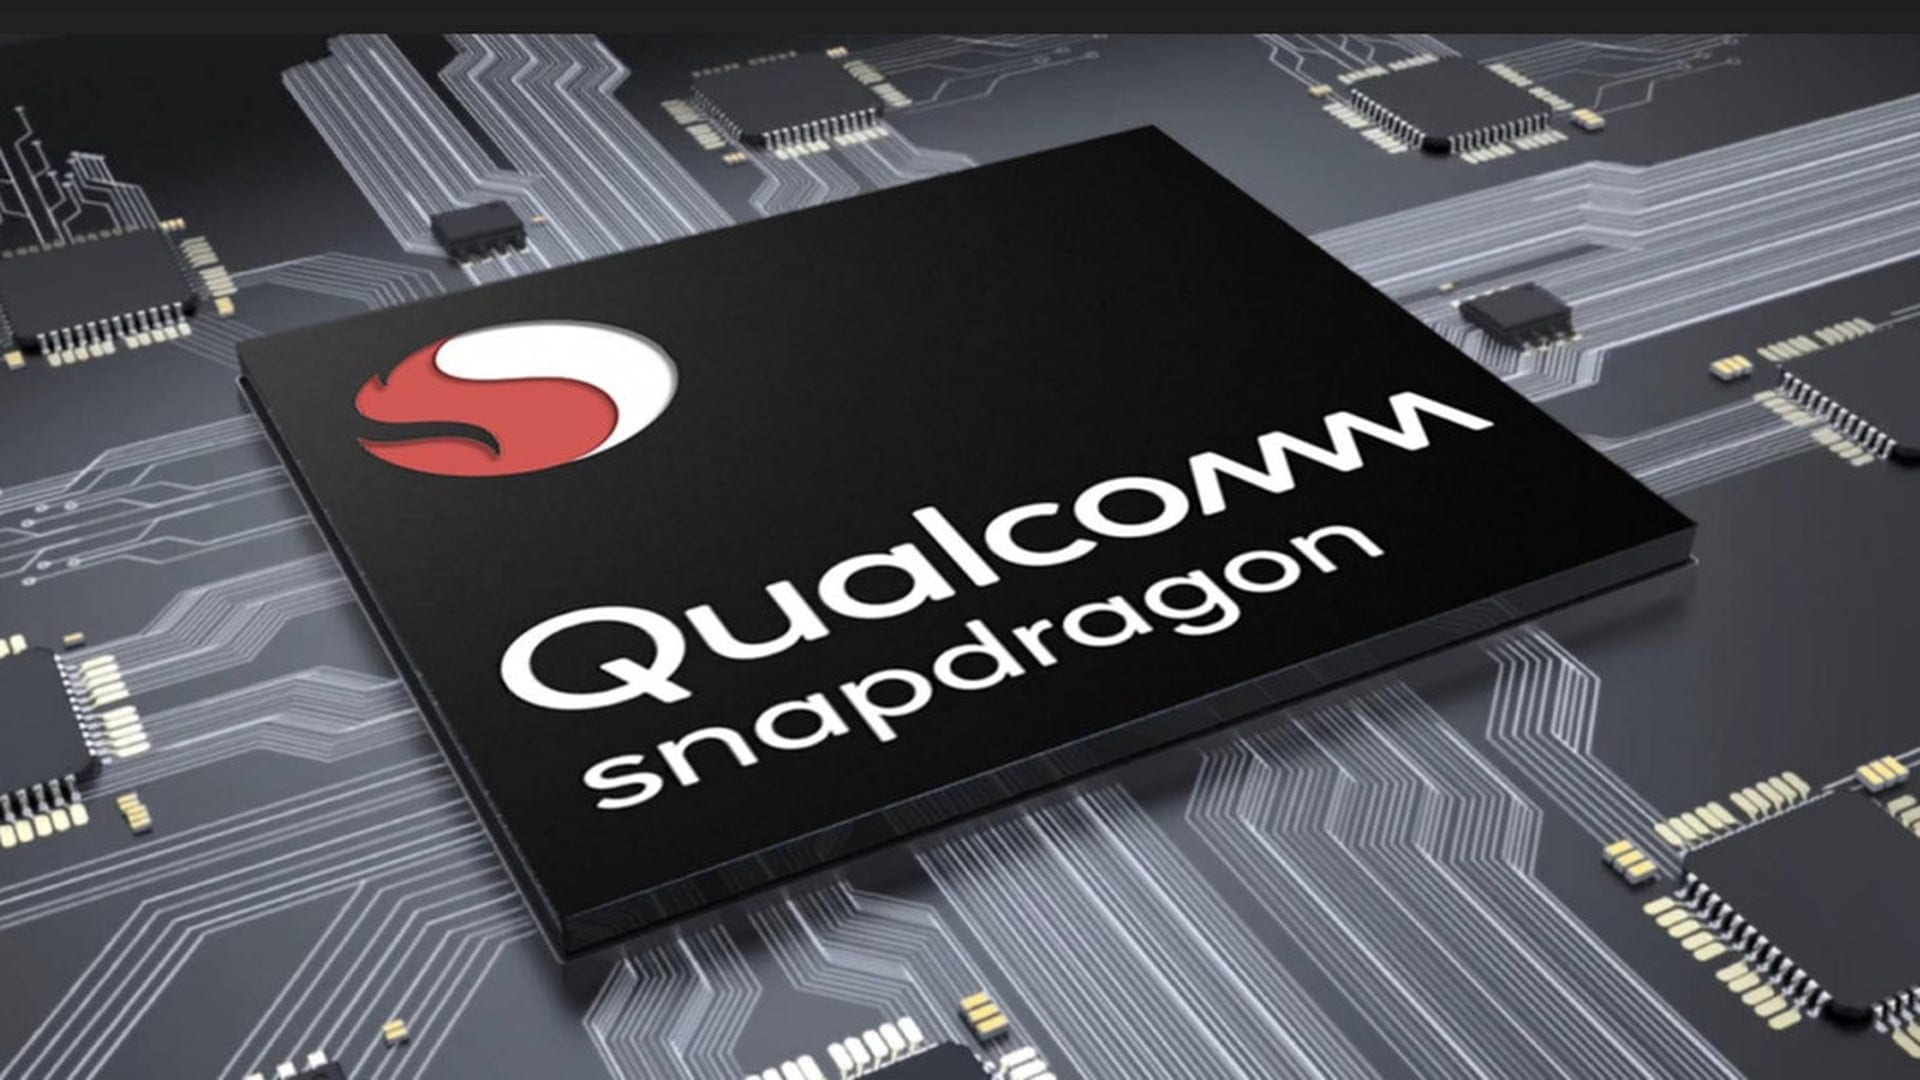 Смартфоны основанные на чипе Snapdragon 875 будут гораздо дороже устройств на Snapdragon 865